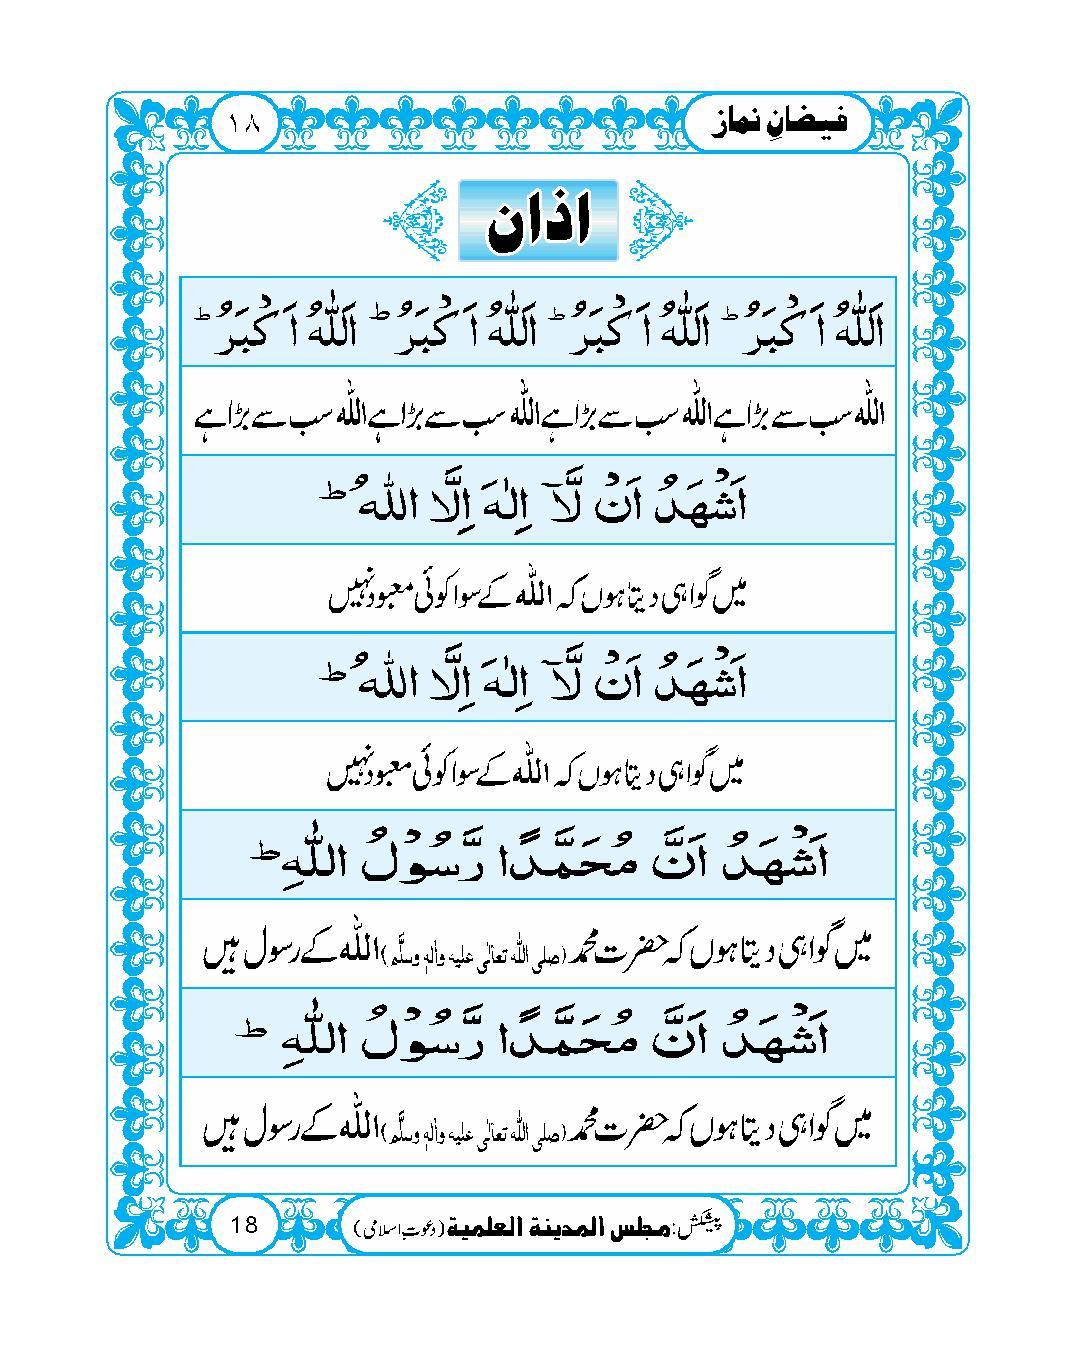 page No 18